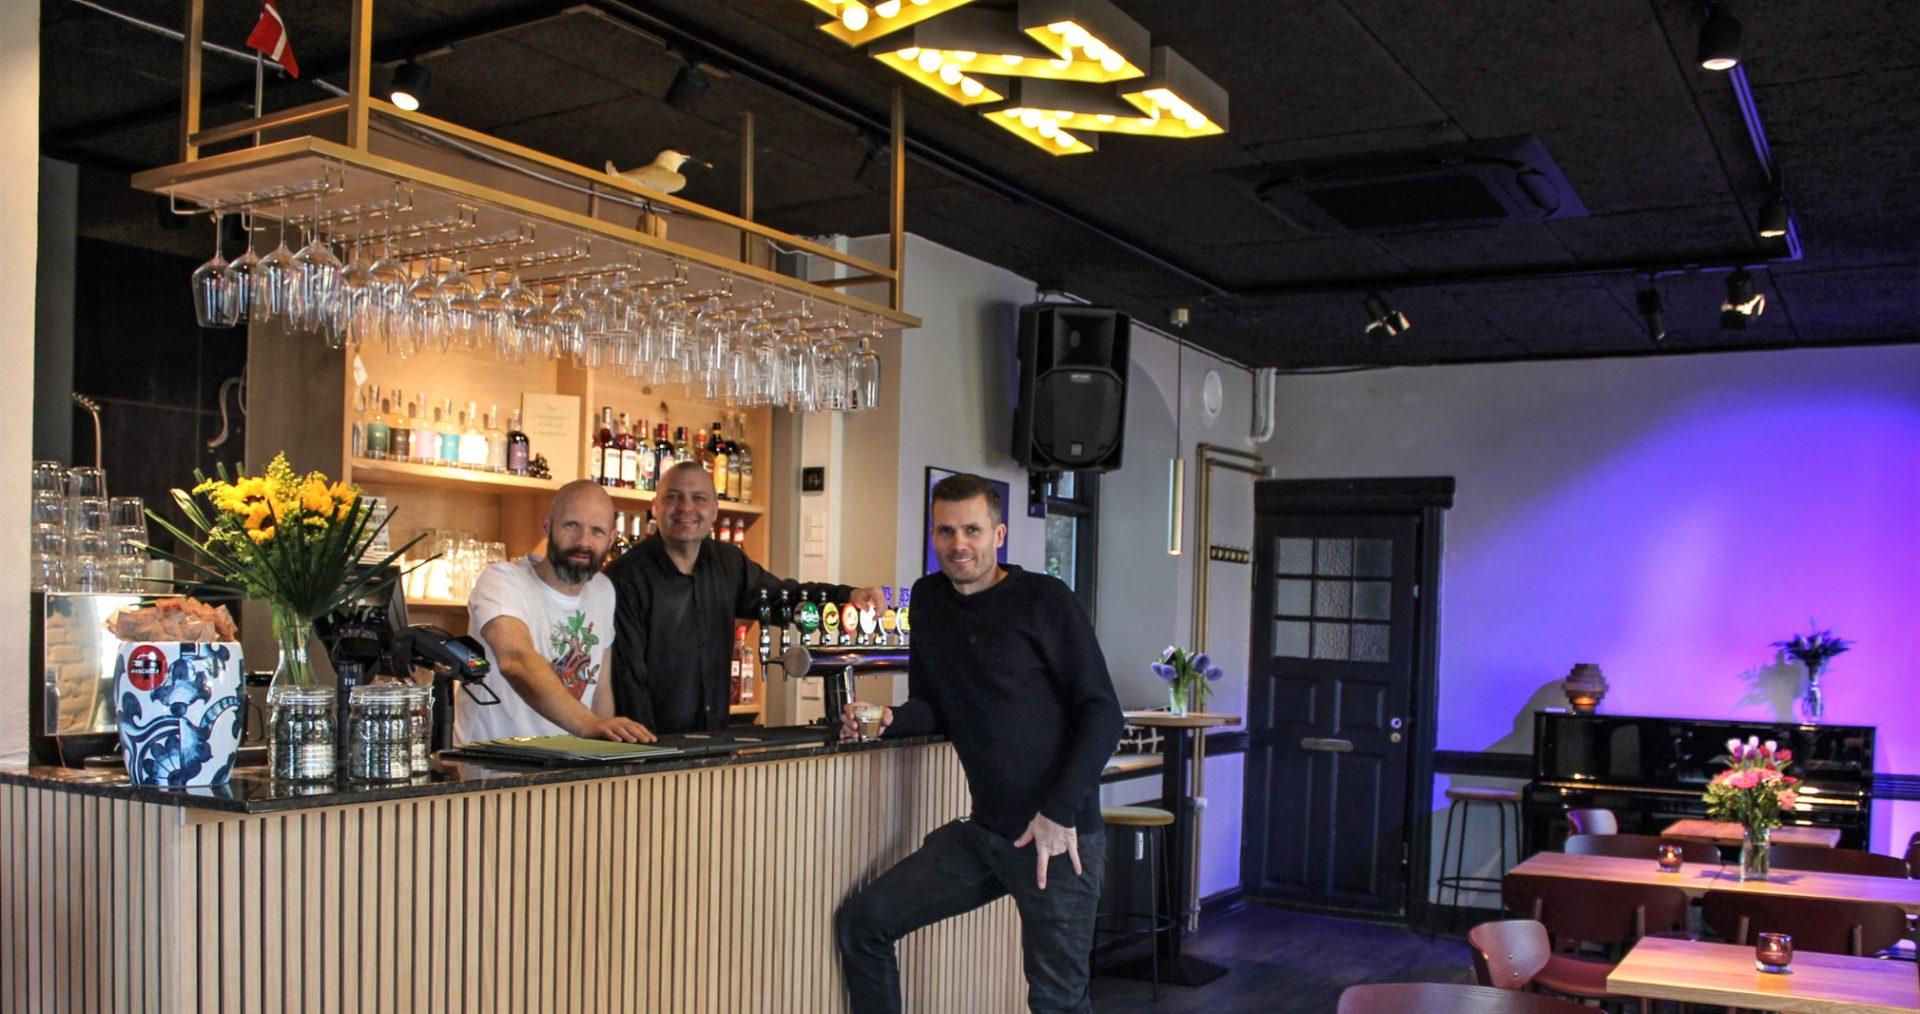 Cafe Støj ved Sydhavnen: Svensk jazzikon åbner nyt spillested i Aarhus